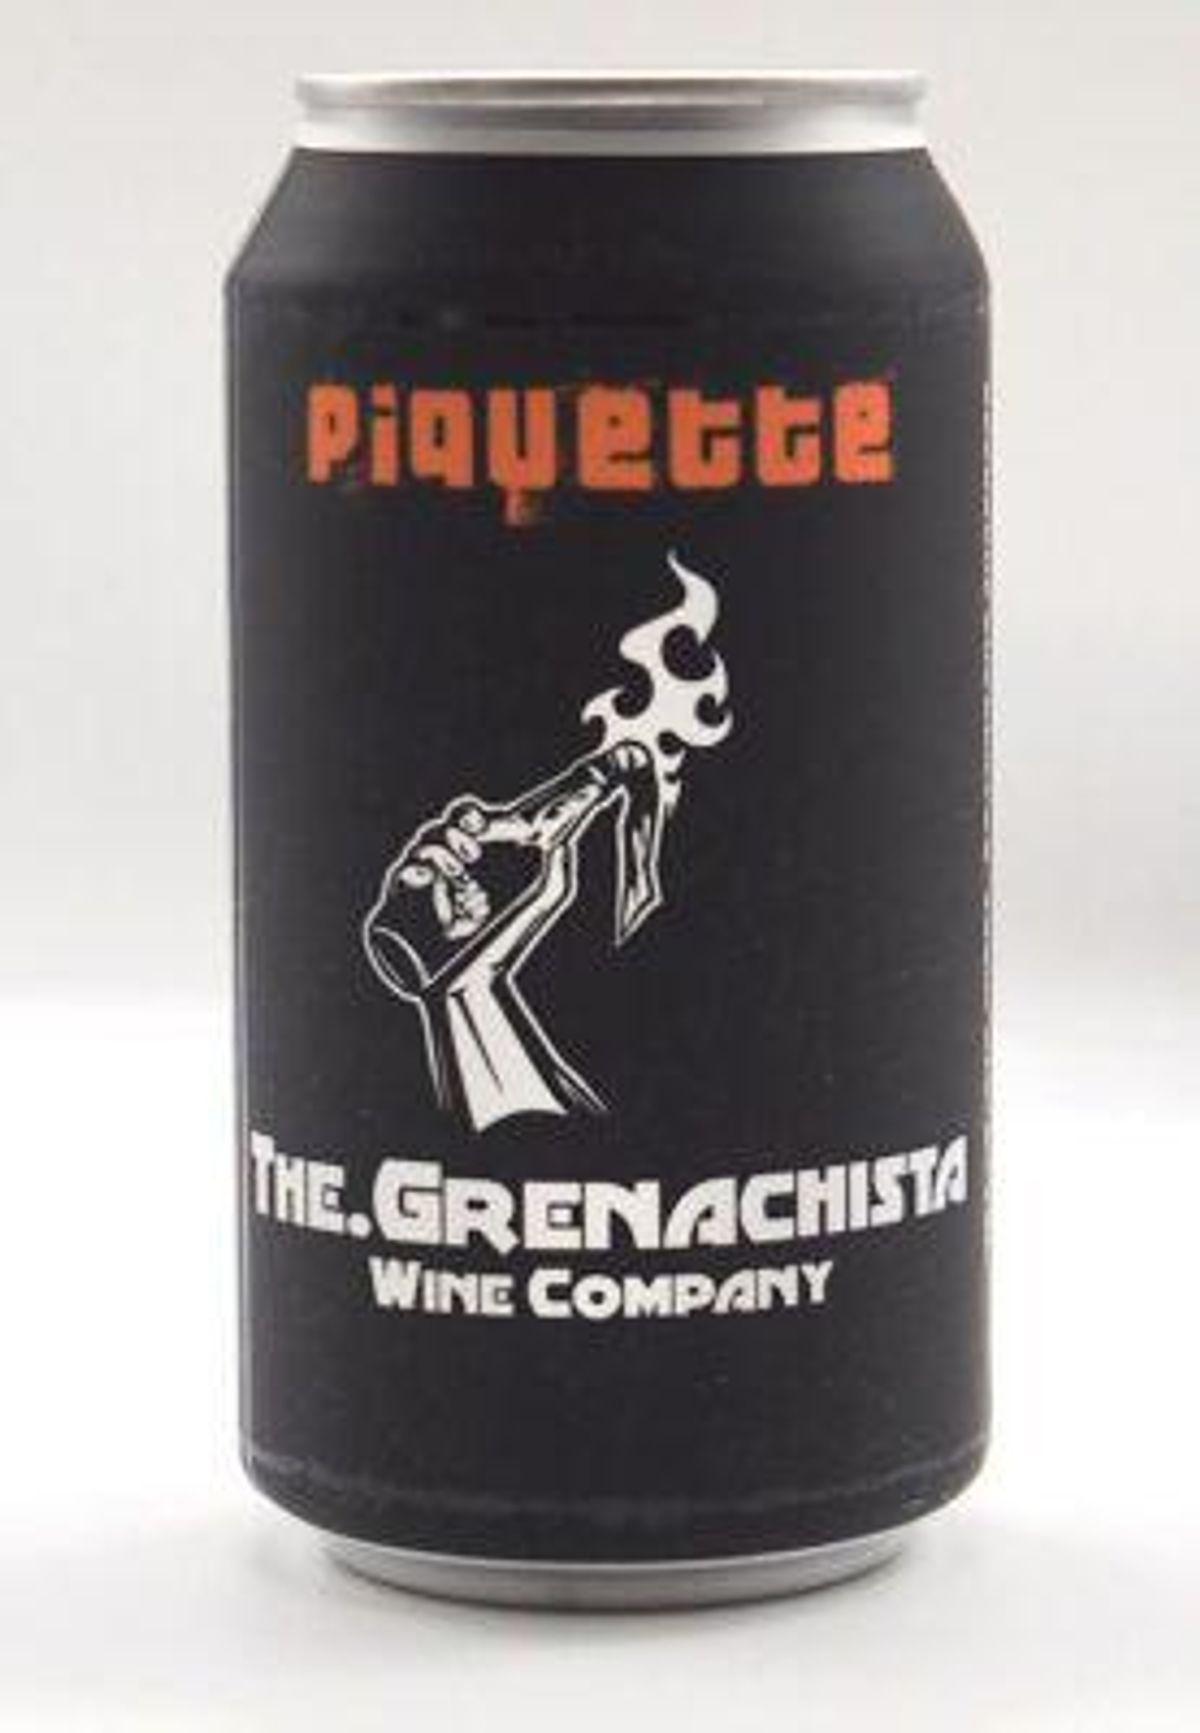 grenachista piquette cans